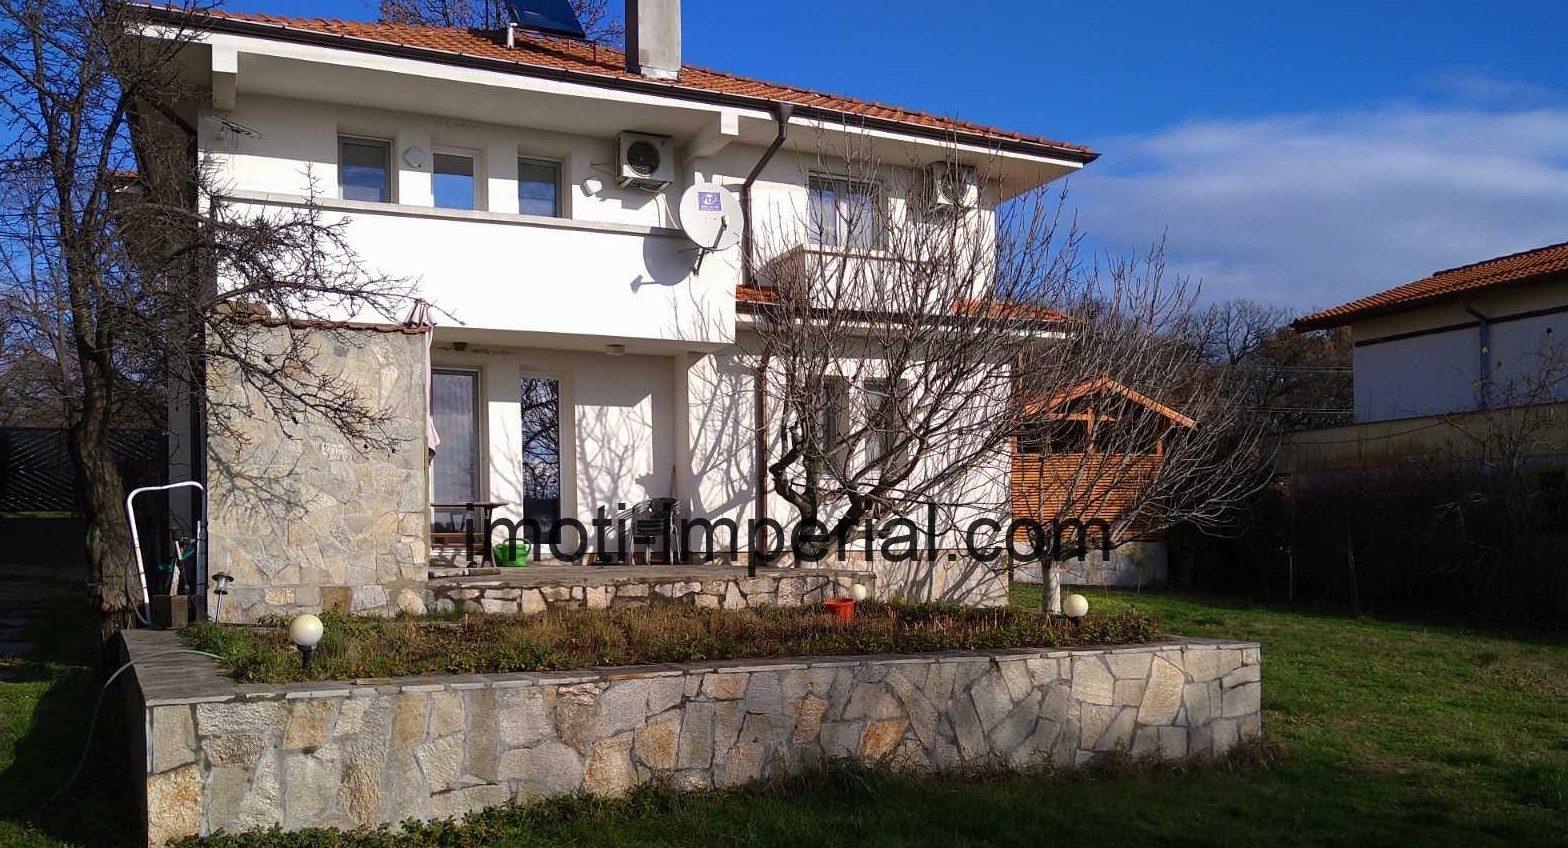 Уникална нова двуетажна къща, разположен в кв. Кенана, град Хасково